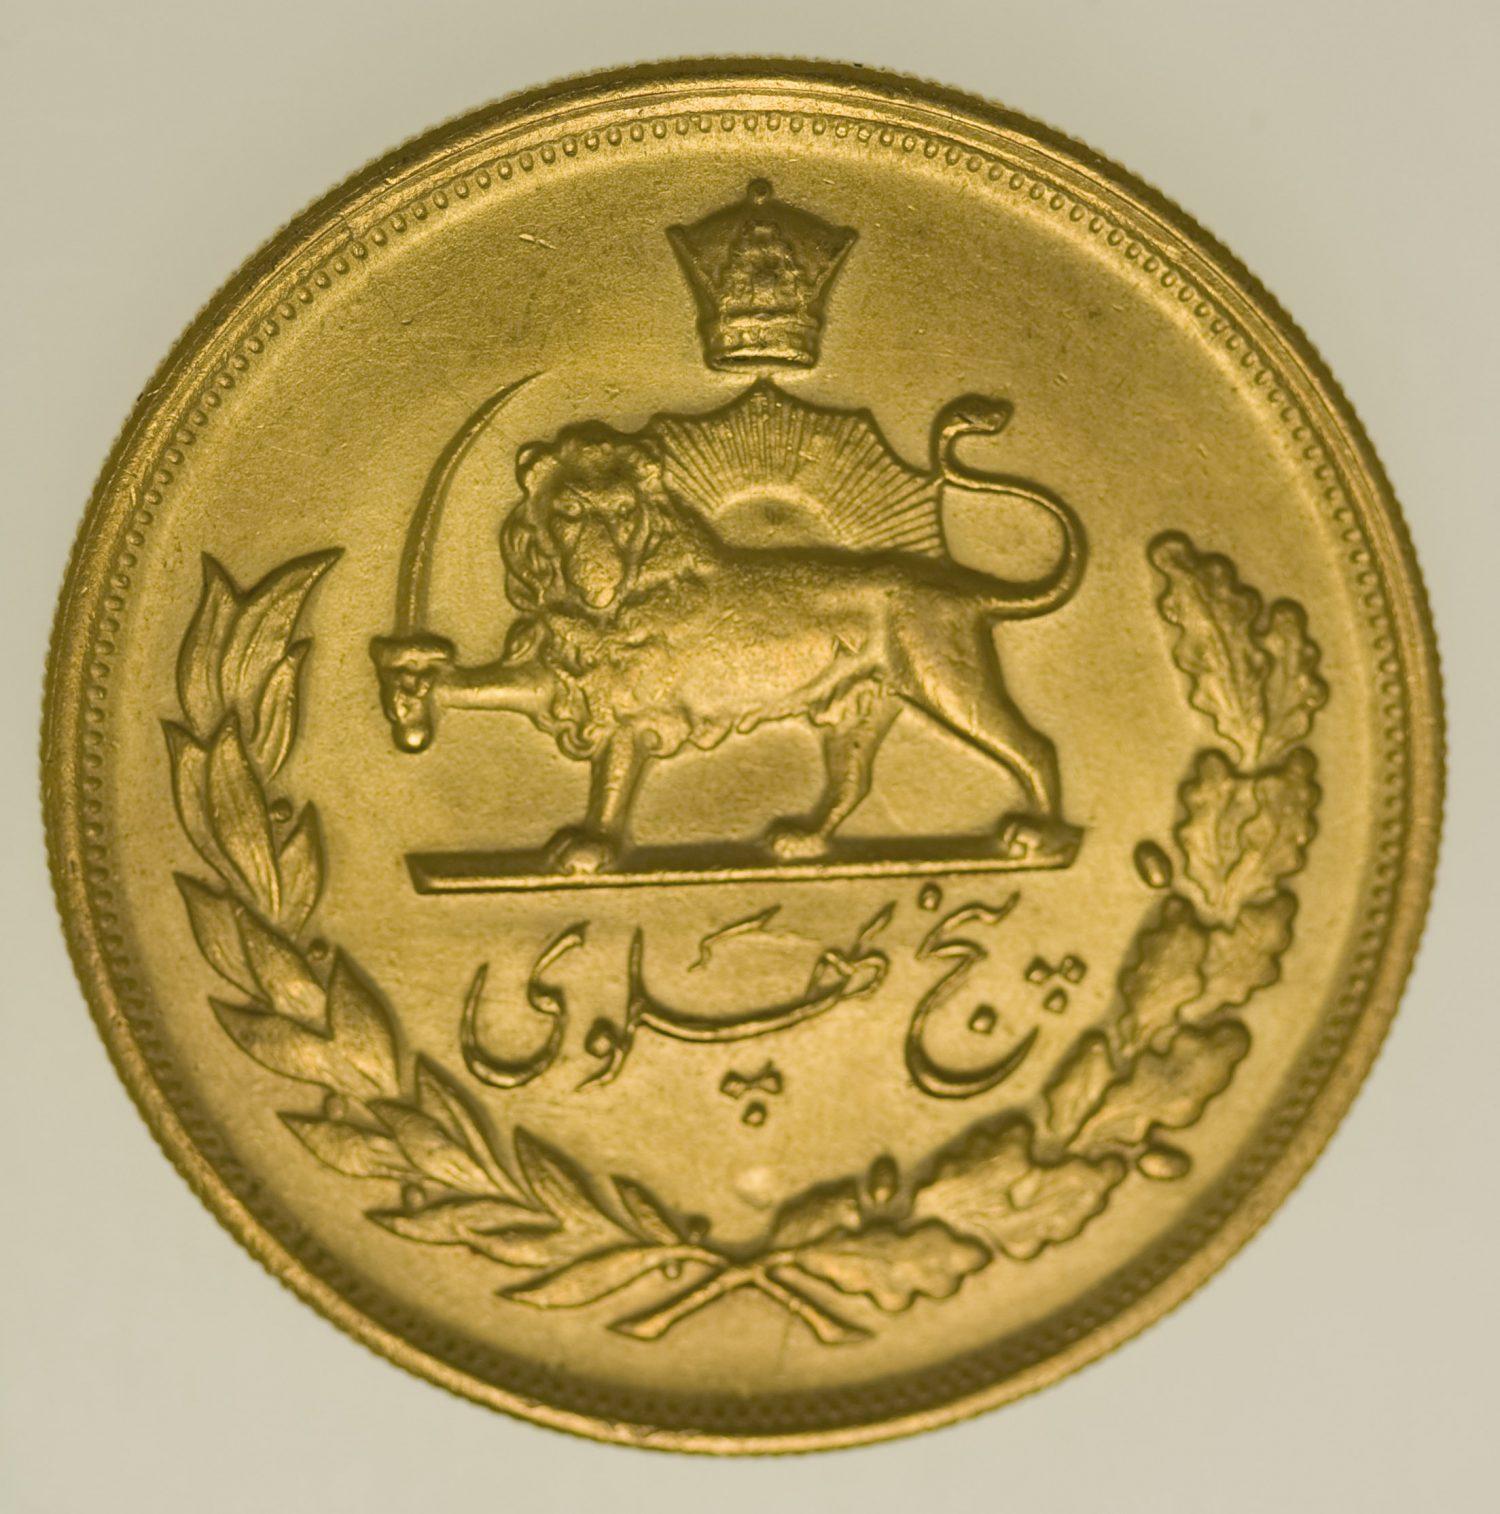 iran - Iran Mohammed Reza Shah 5 Pahlavi 1960